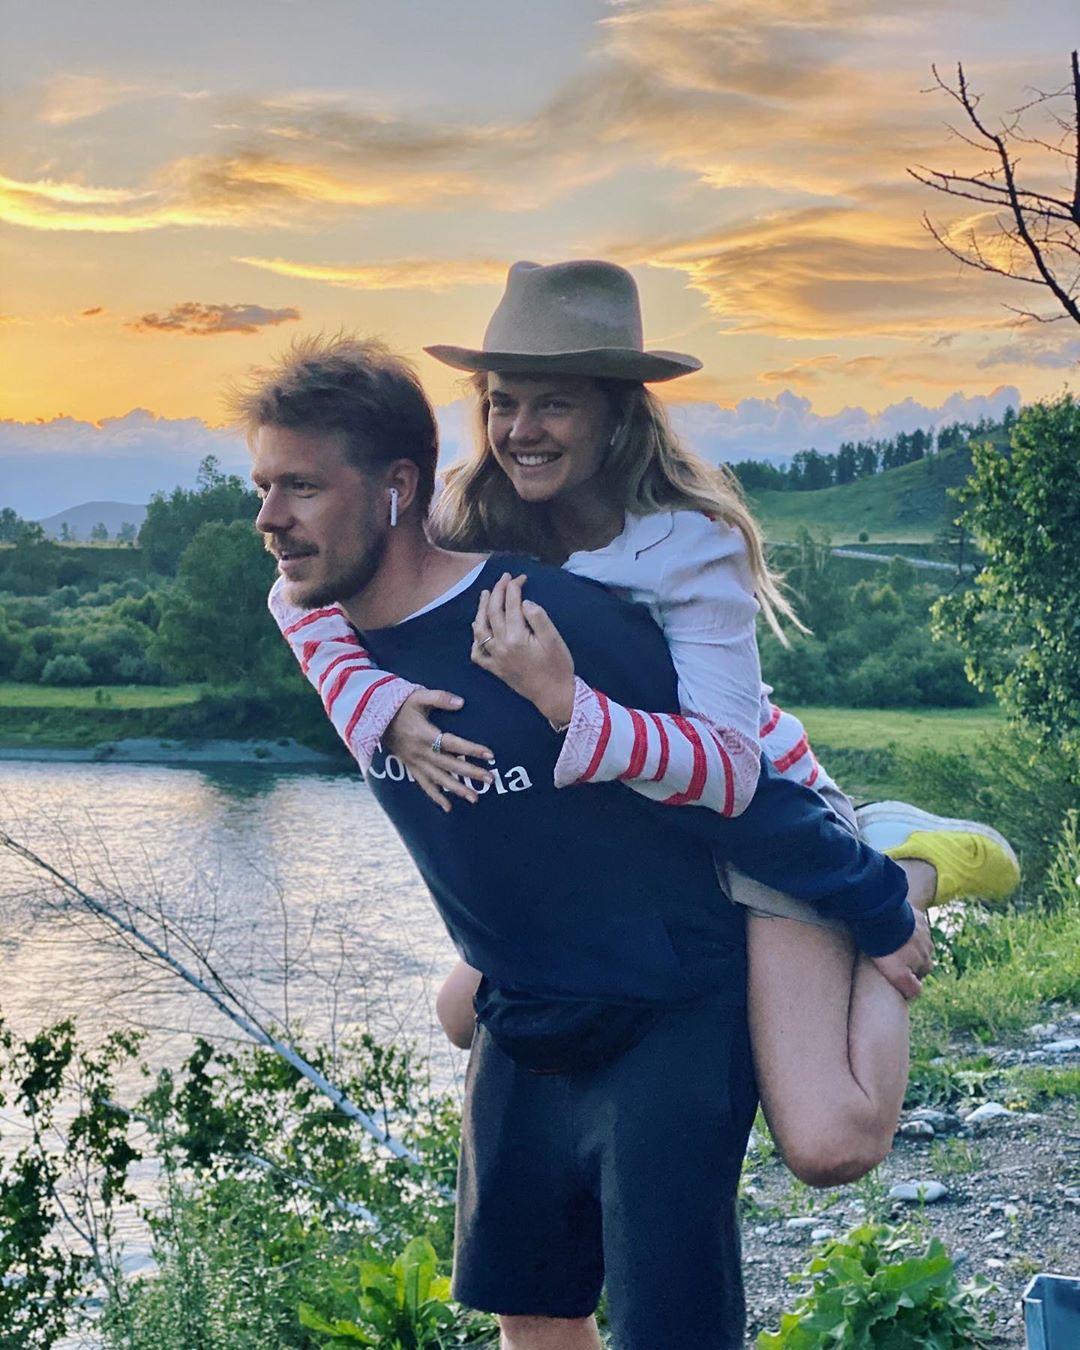 Никита Ефремов вместе со своей возлюбленной, актрисой Марией Иваковой, отдыхает на Алтае.